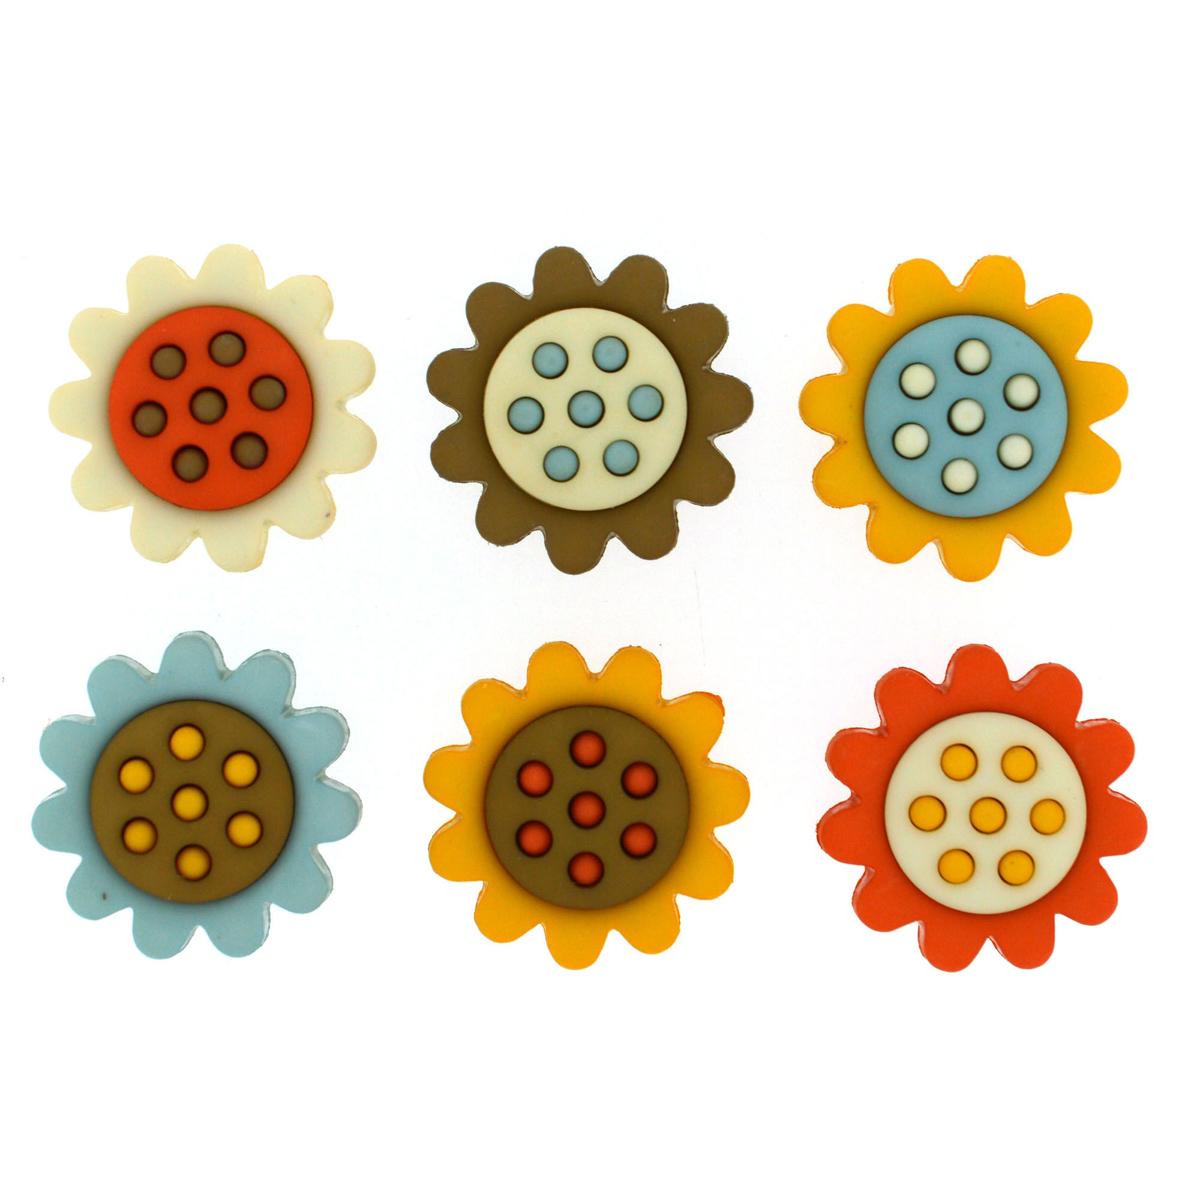 Пуговицы декоративные Dress It Up Осенние цветы, 6 шт7714364Набор Dress It Up Осенние цветы состоит из 6 декоративных пуговиц, выполненных из высококачественного пластика в виде разноцветных цветов. Такие пуговицы подходят для любых видов творчества: скрапбукинга, декорирования, шитья, изготовления кукол, а также для оформления одежды. С их помощью вы сможете украсить открытку, фотографию, альбом, подарок и другие предметы ручной работы. Все пуговицы в наборе имеют оригинальный и яркий дизайн. Средний размер пуговиц: 2 см х 2 см х 0,5 см.